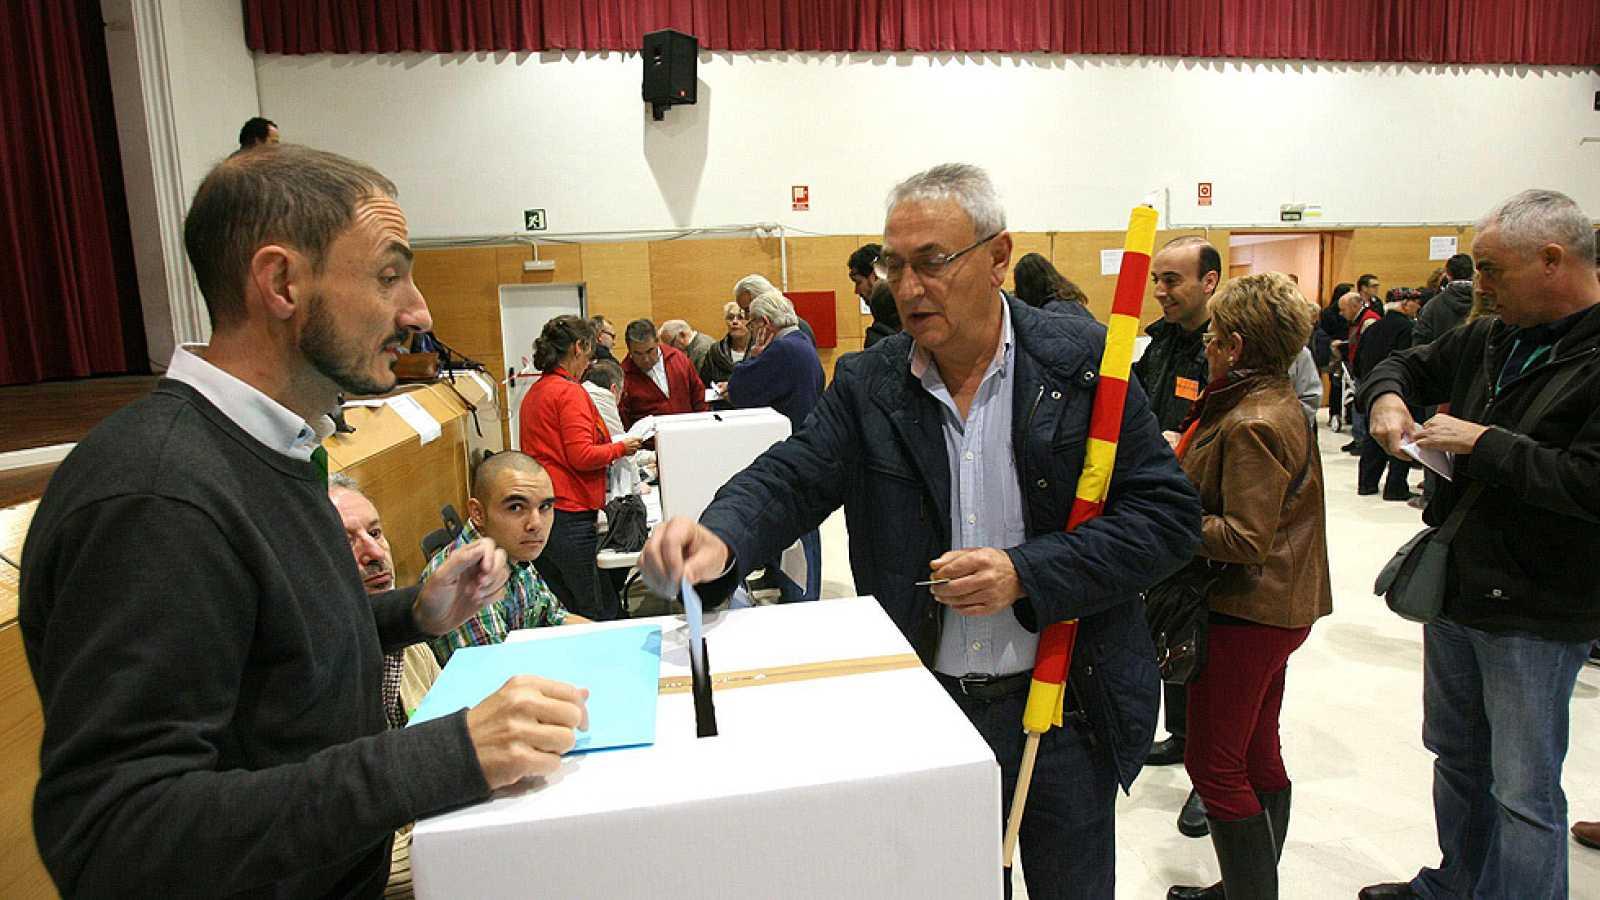 Jornada sin incidencias en el proceso participativo catalán